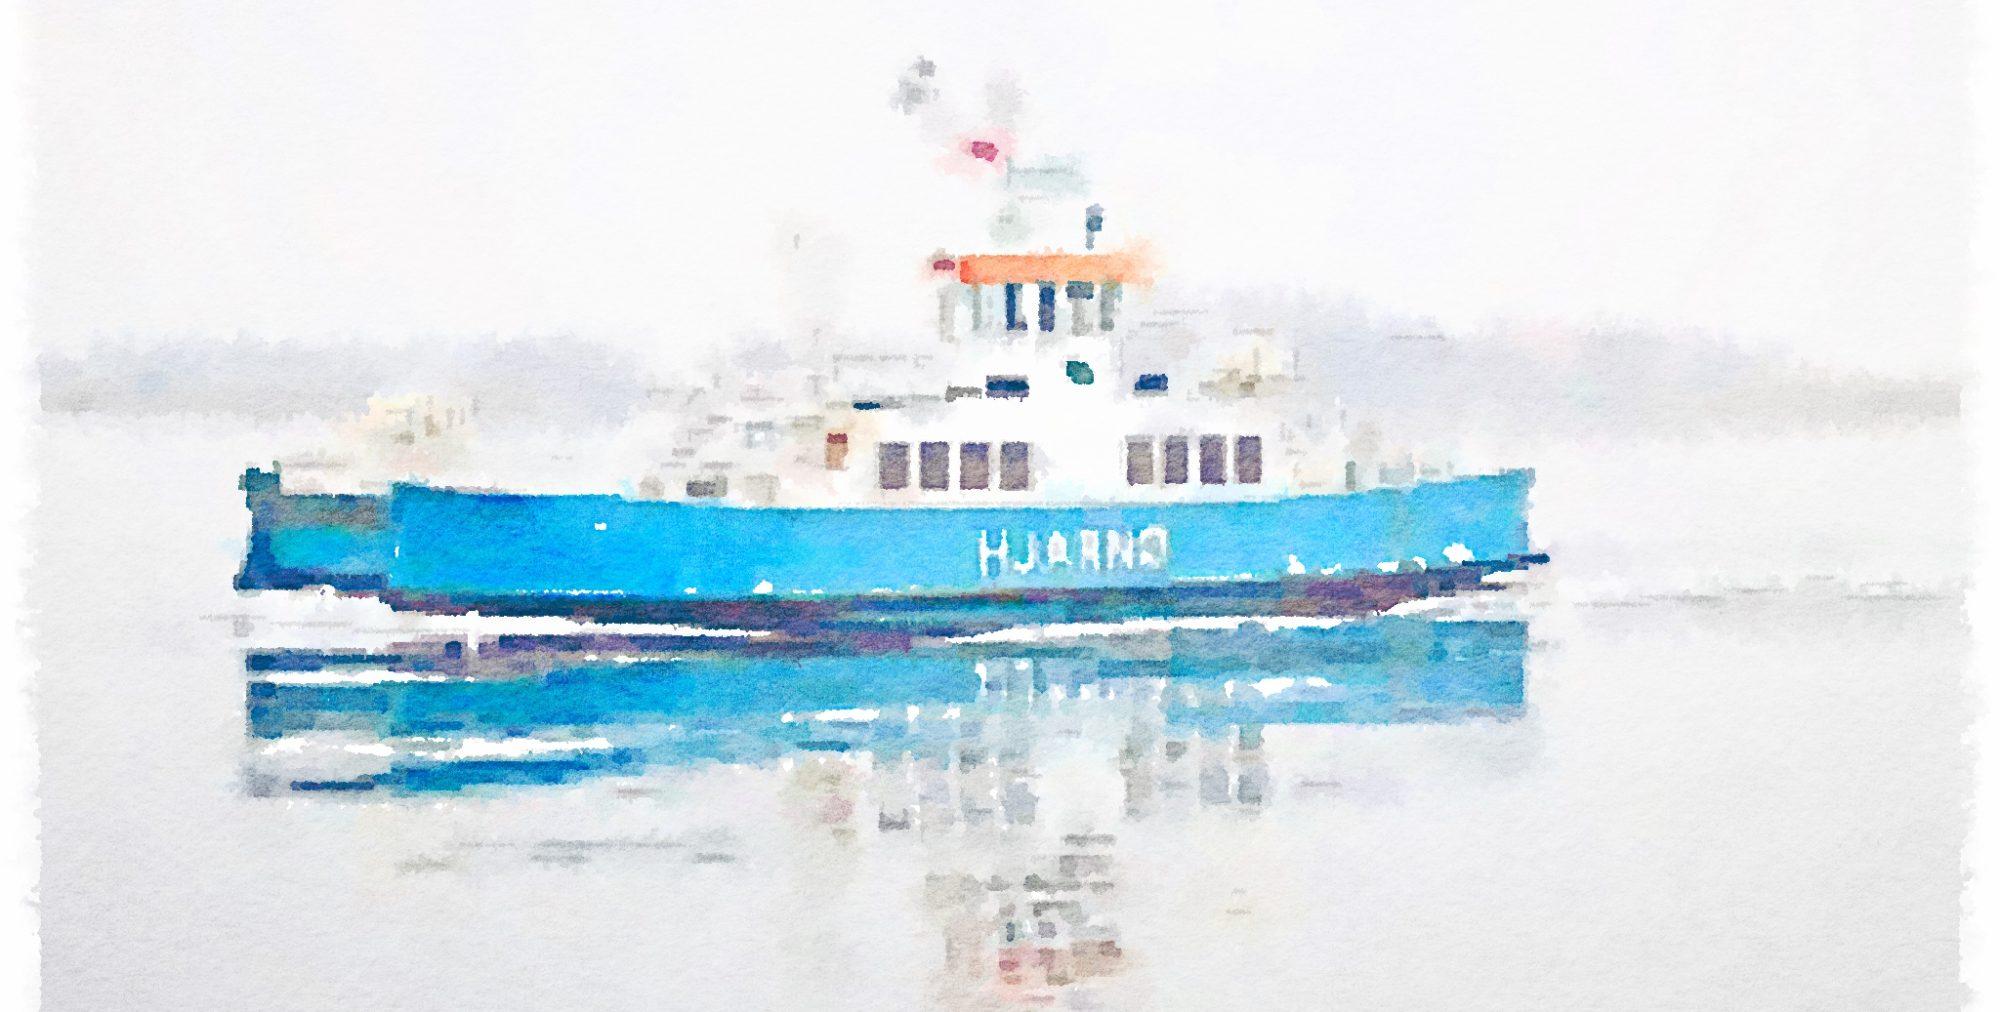 Hjarnø Færgefart